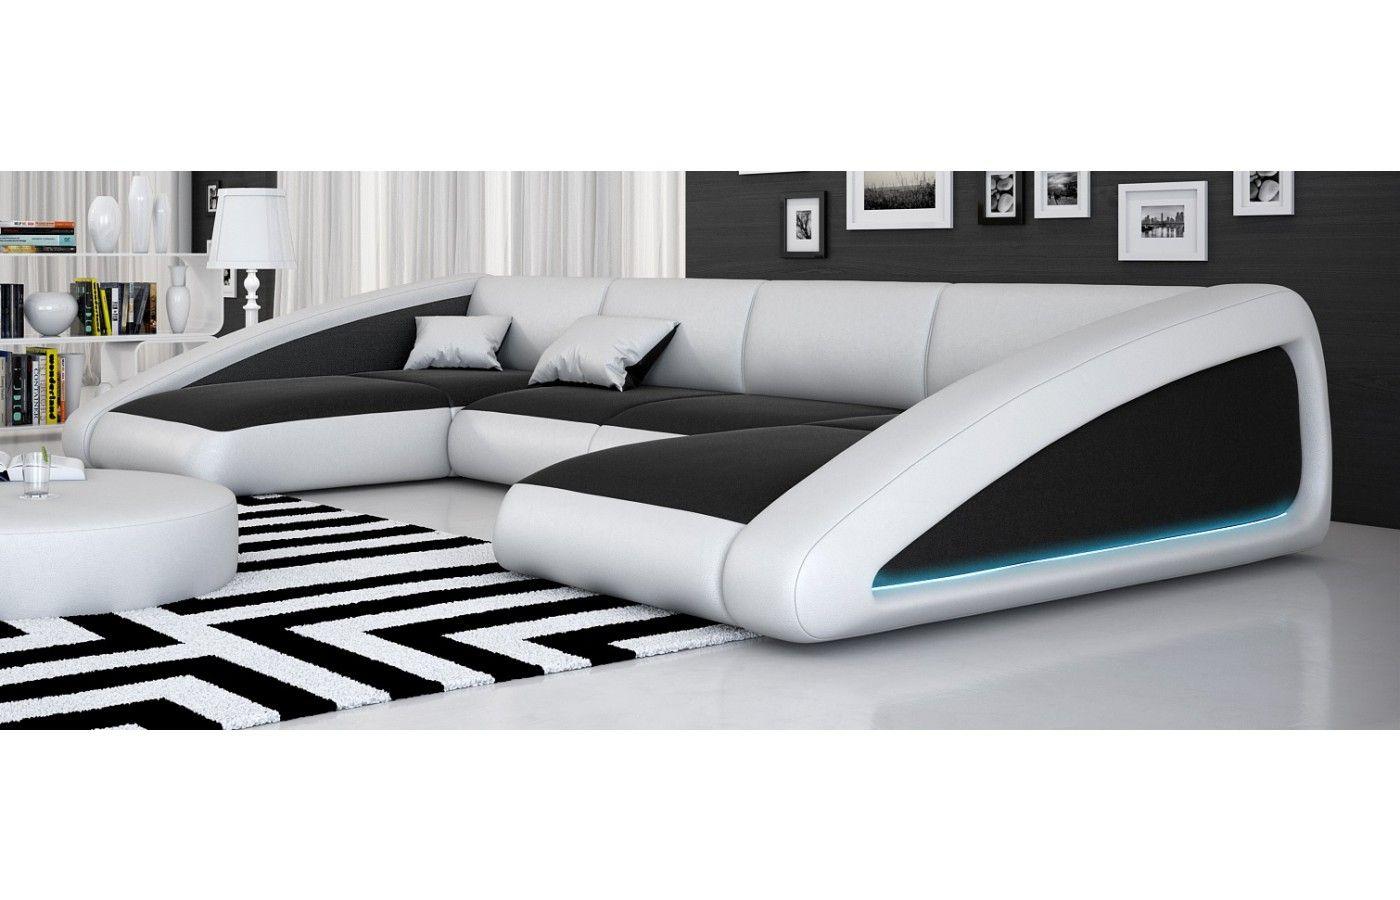 Leder Wohnlandschaft Nassau Ledersofas Sofa